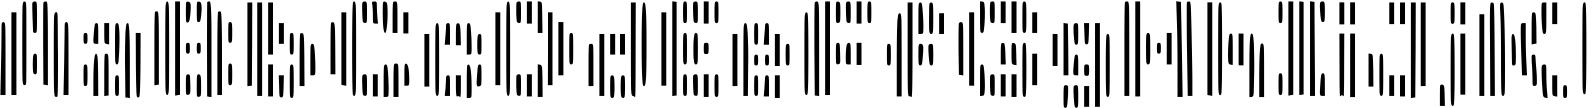 Big Pixel Vertical